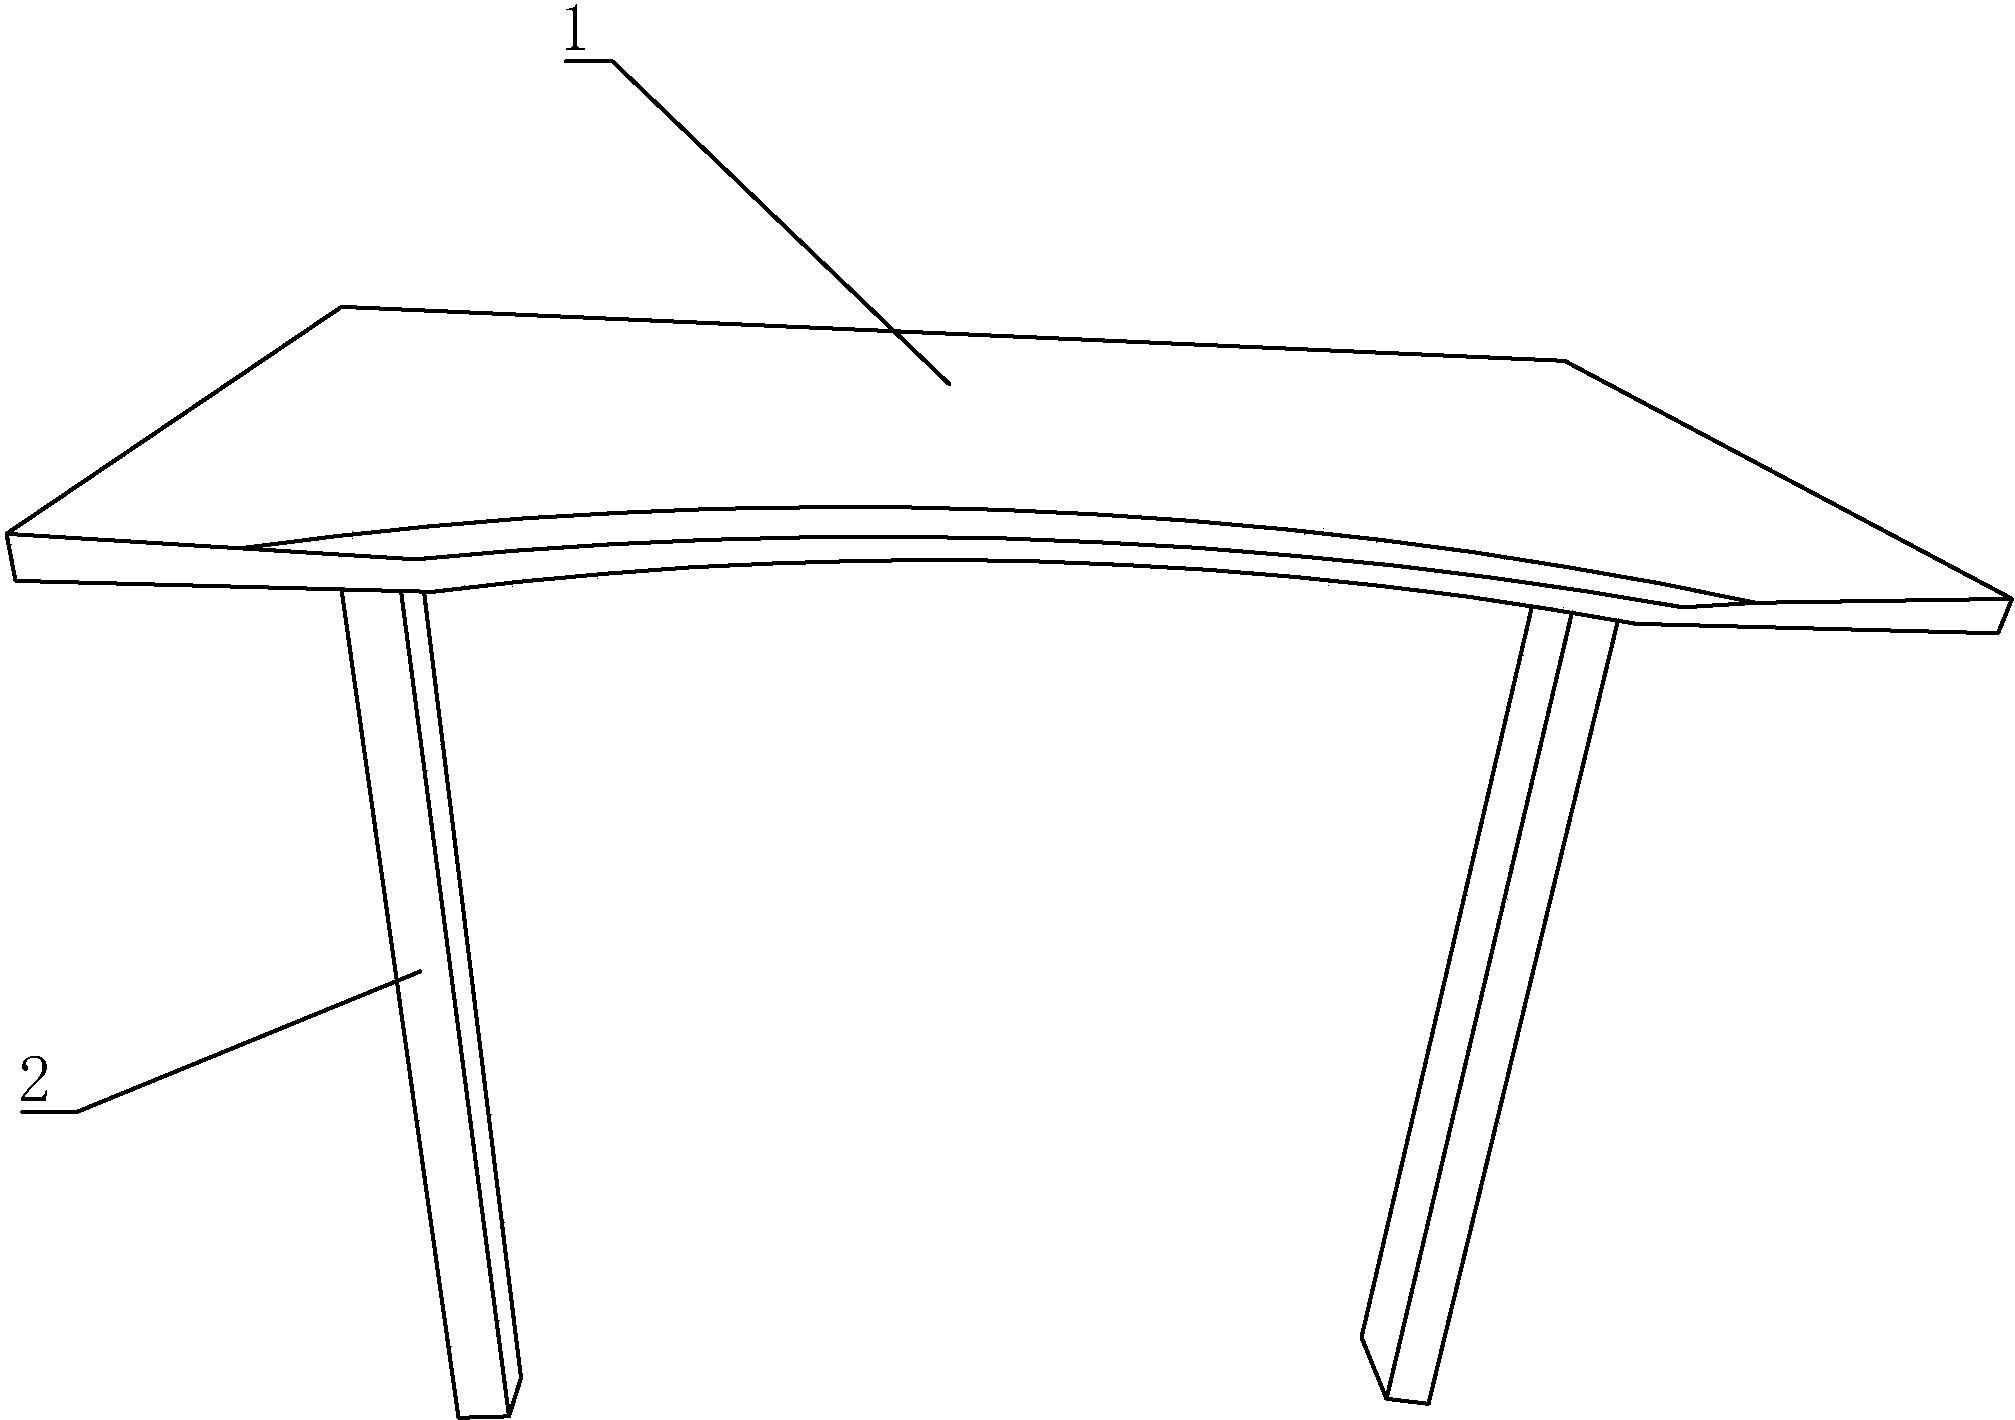 一种圆弧办公桌及其切割装置、生产工艺